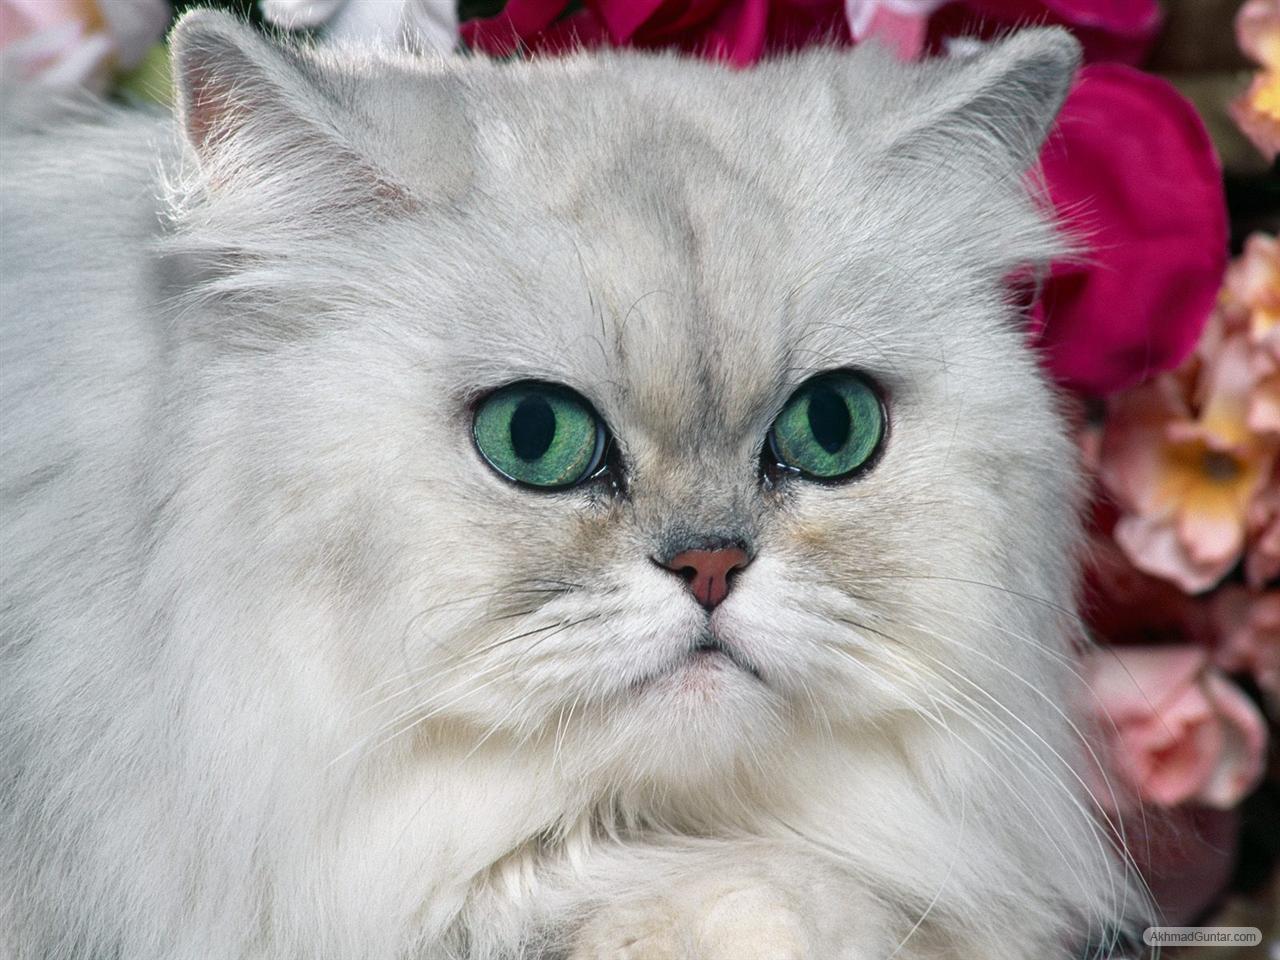 Tidak banyak yang men ahui bahwa dari jumlah 1% tersebut Indonesiamemiliki kucing trah asli Indonesia yang hidup dan berkembang biak di Madura